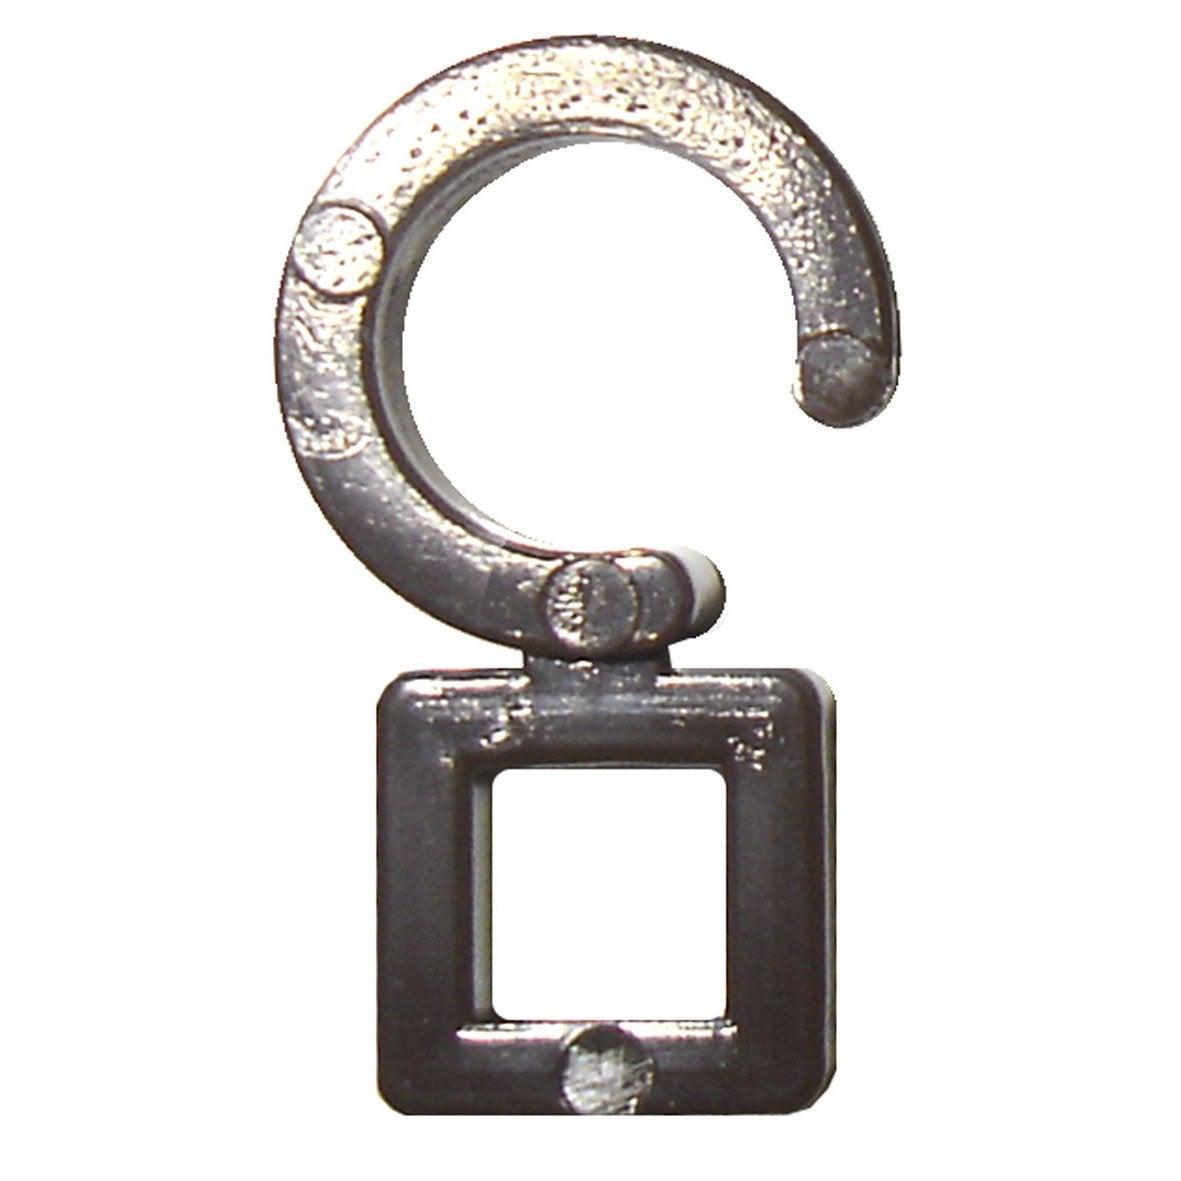 Agrafes pour tringle rideau inspire diam 28 mm plastique chocolat ler - Barre rideau leroy merlin ...